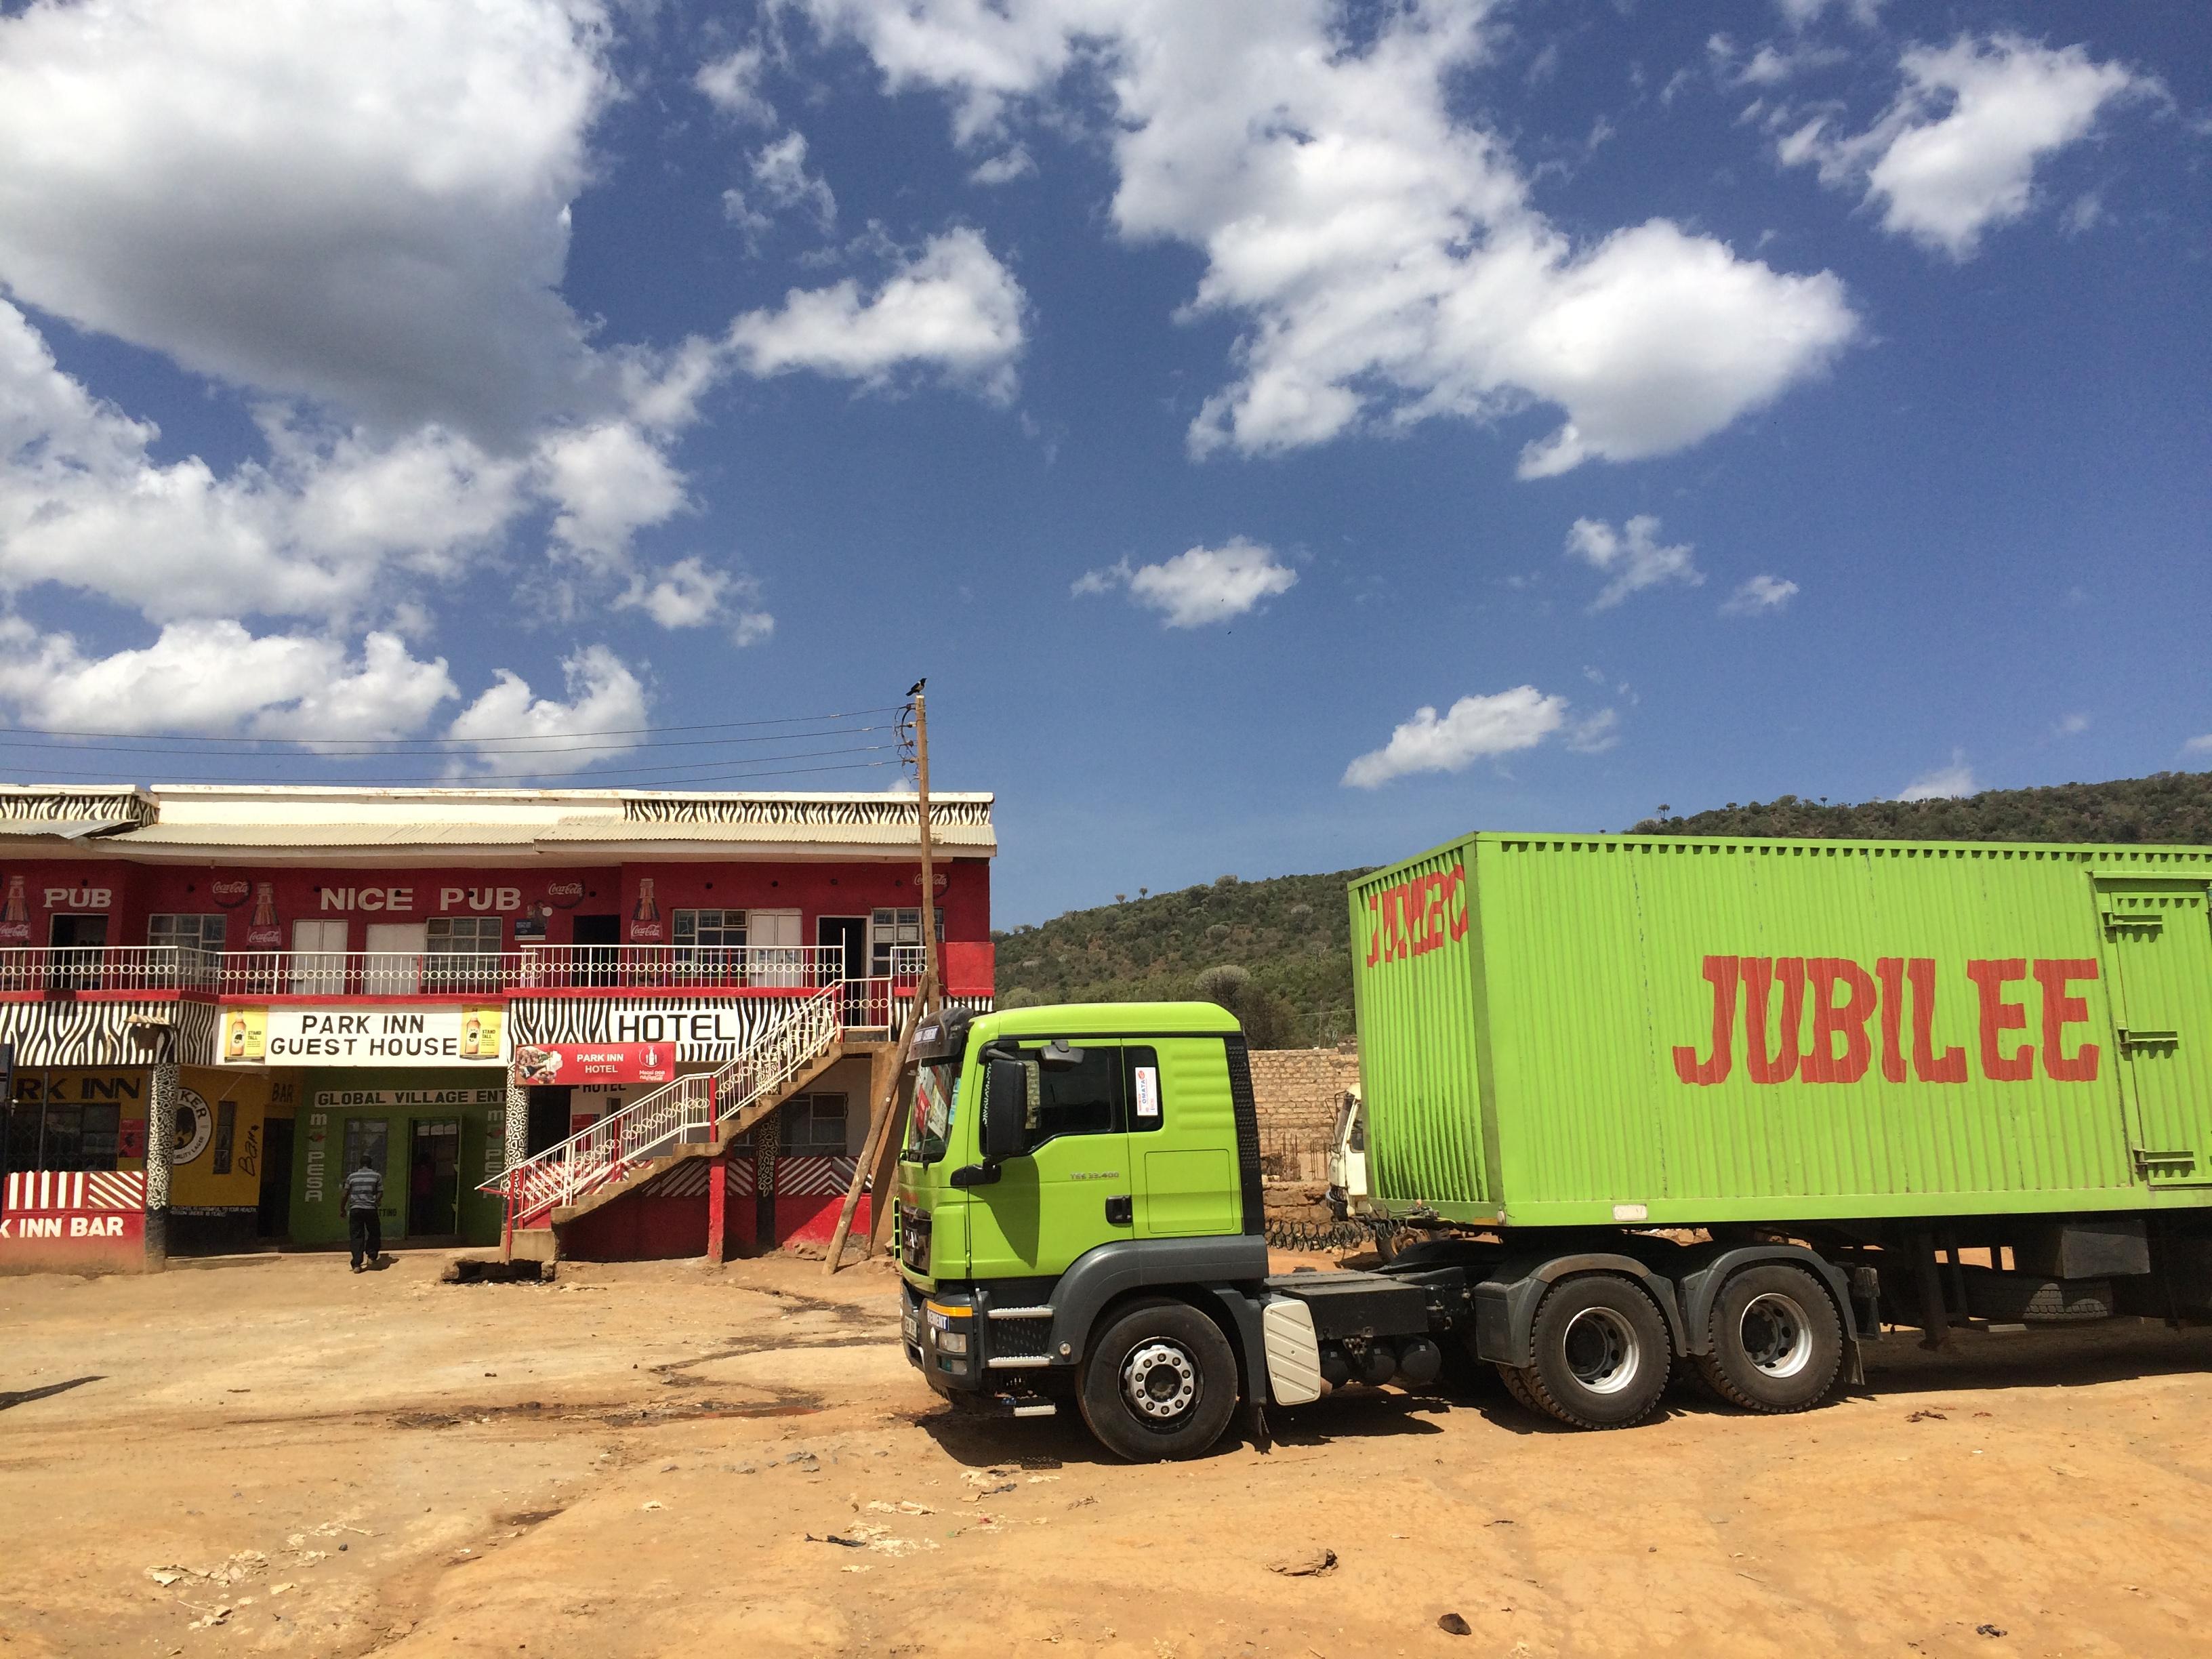 Truck in Kenya